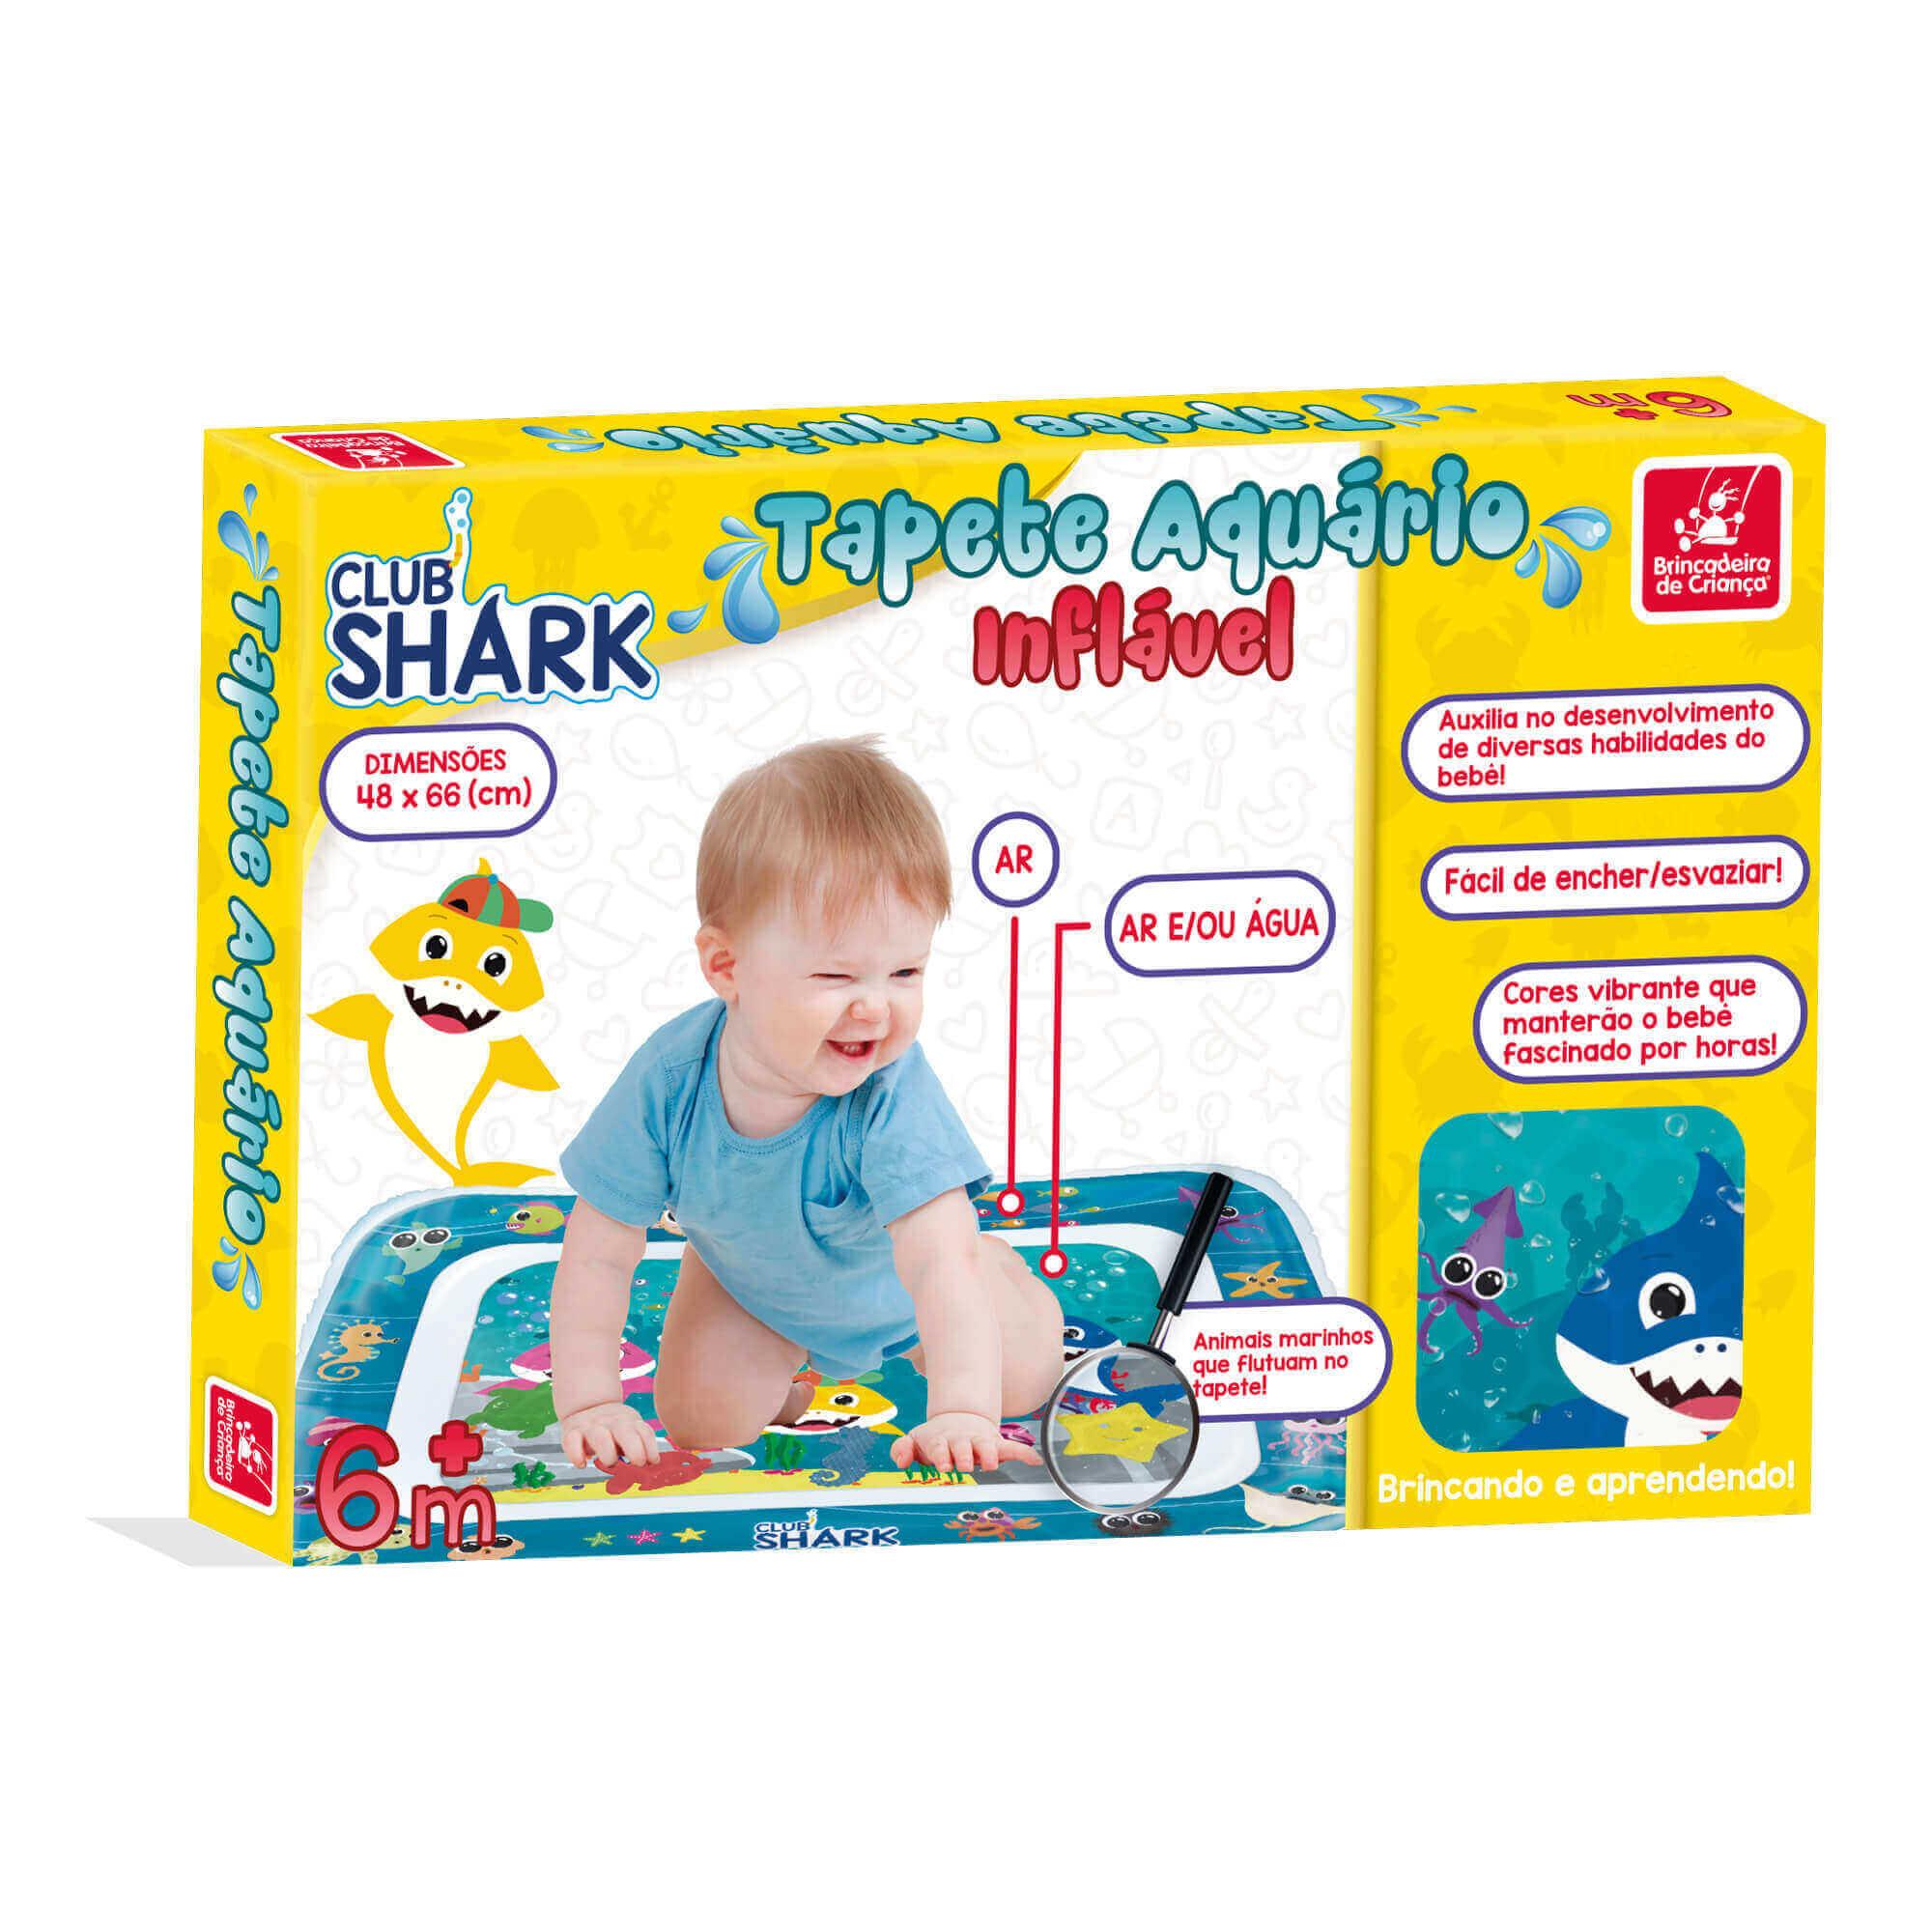 Tapete Inflavel Aquario Club Shark 3052 Brincadeira De Criança